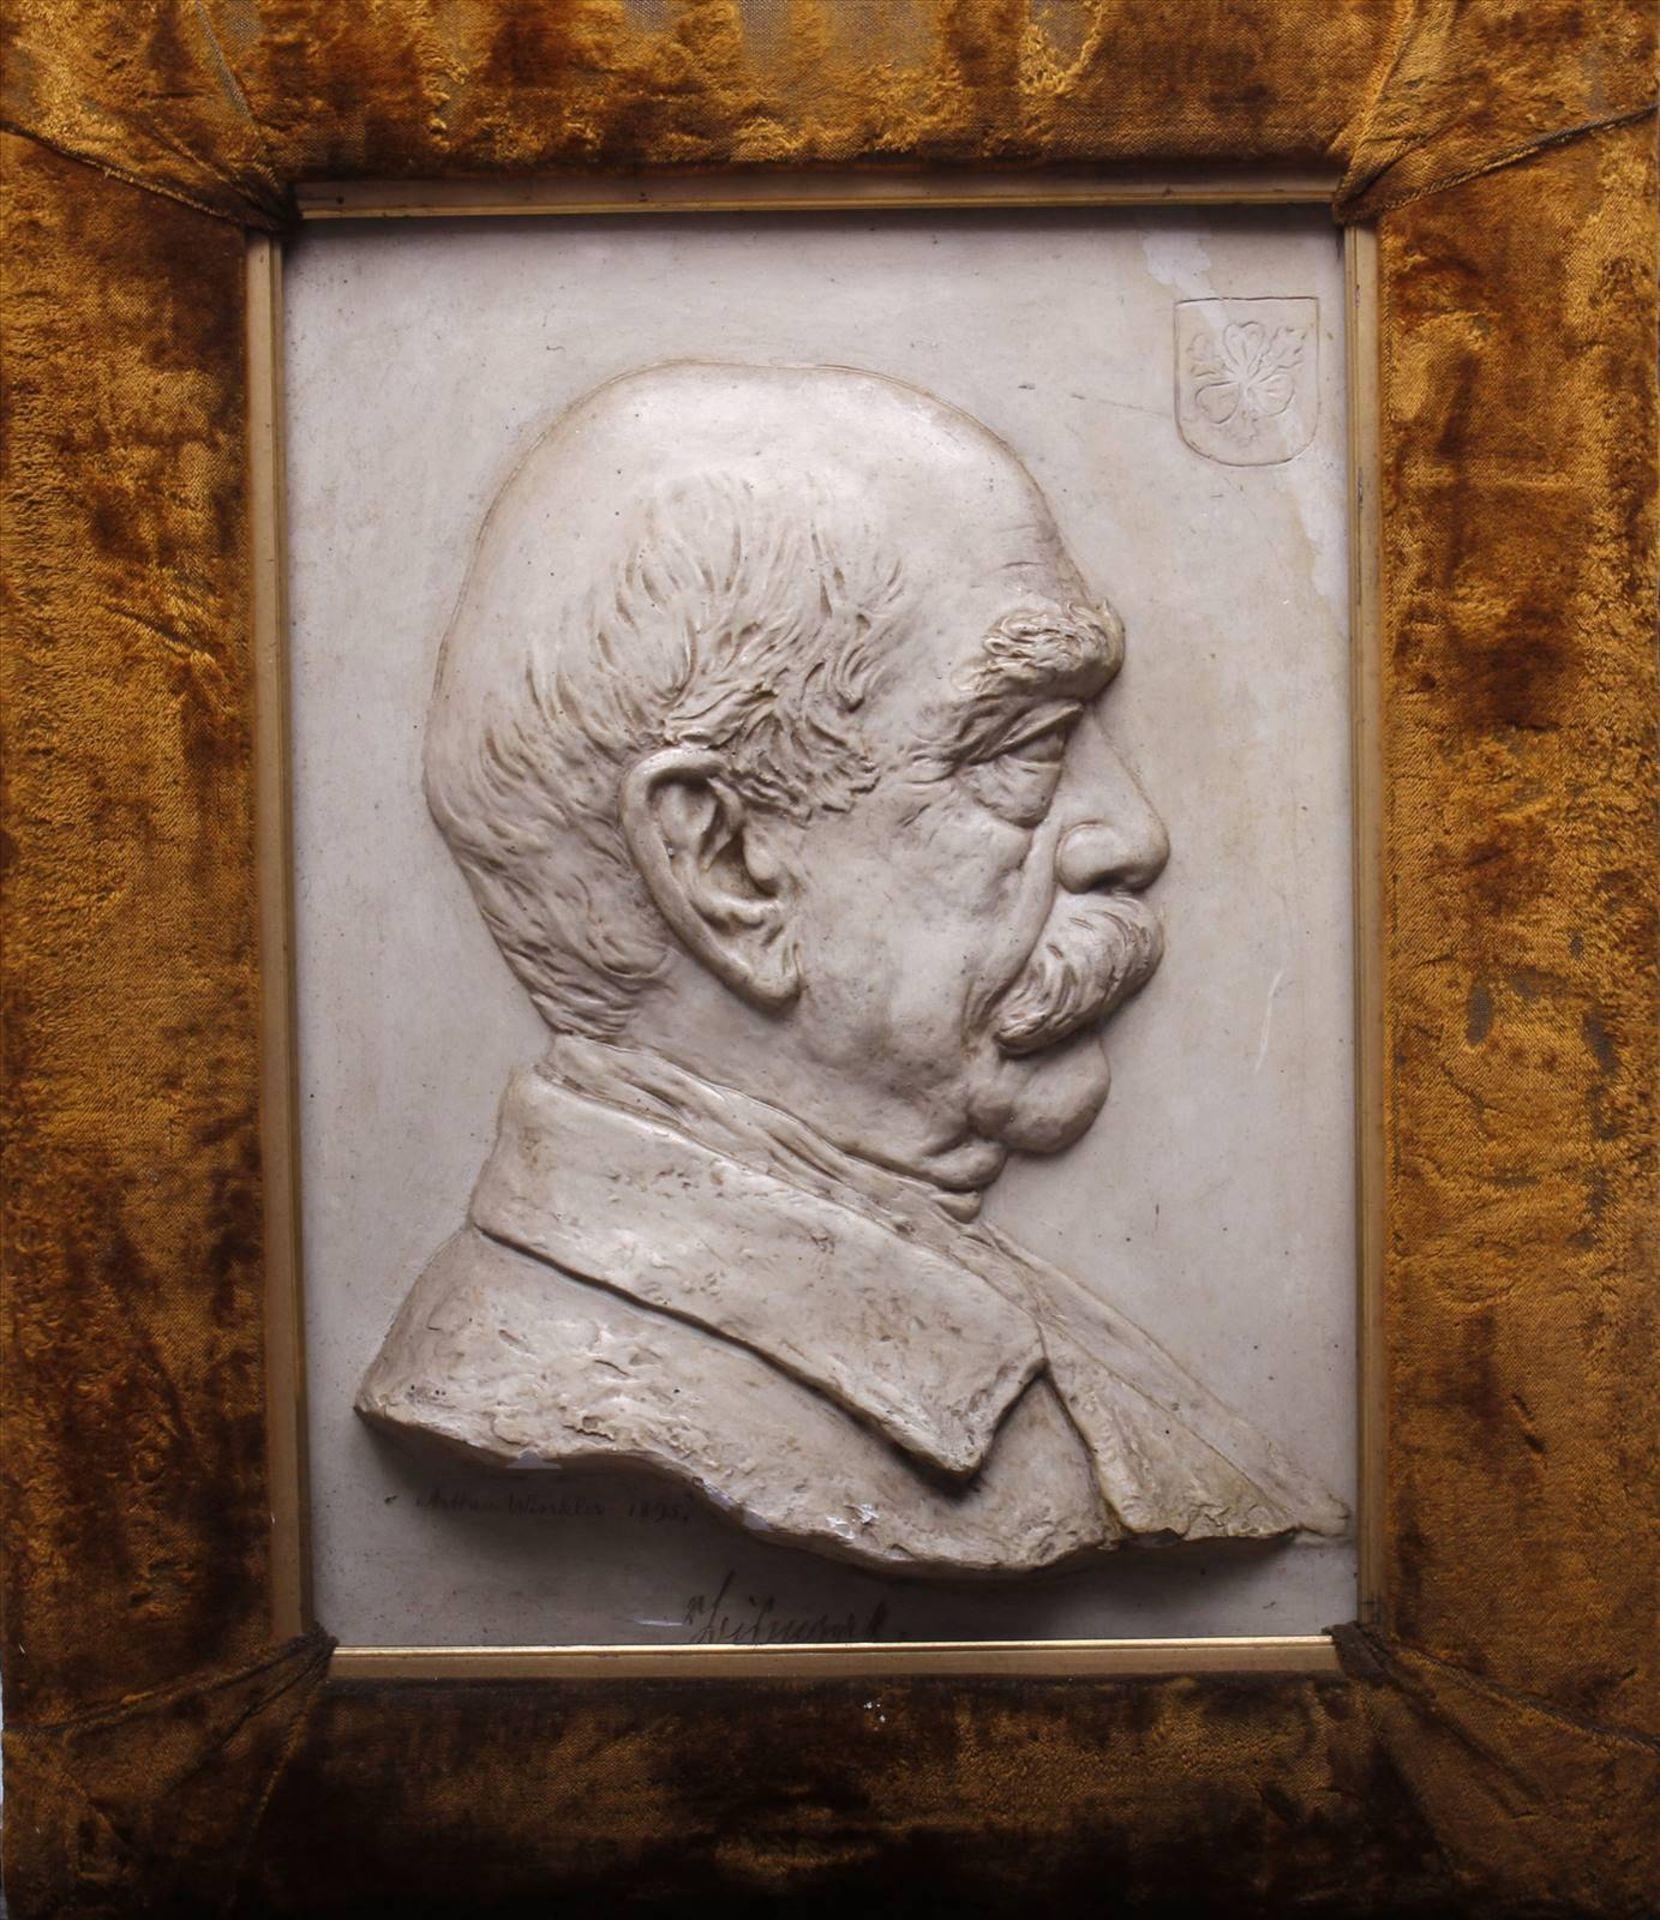 """Arthur Winkler, Gipsrelief, 1895, """"Bismarck"""", unten mittig sign., dat. und bez. """"Bismarck"""", grüner"""